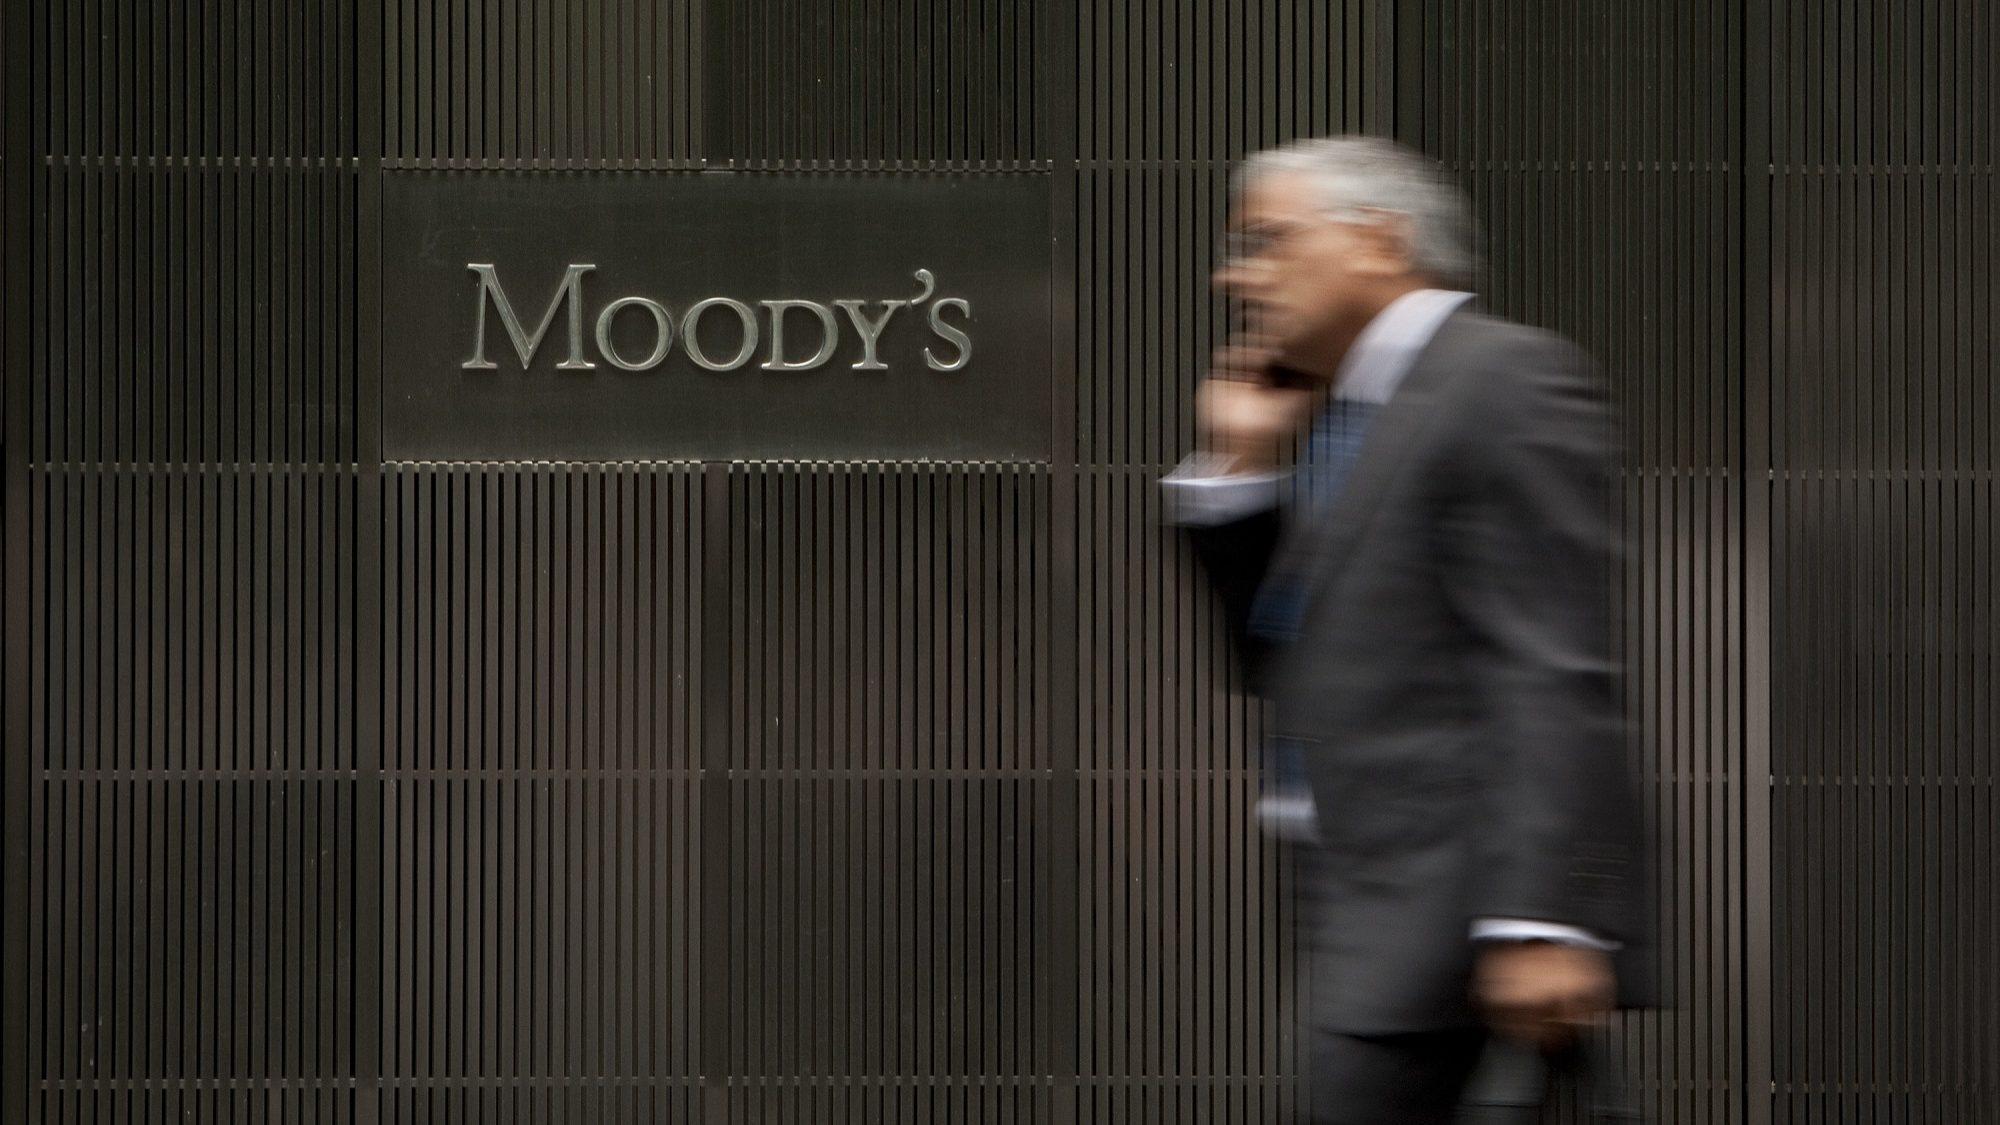 Moody's elogia quebra na dívida das famílias, mas não esquece problema público